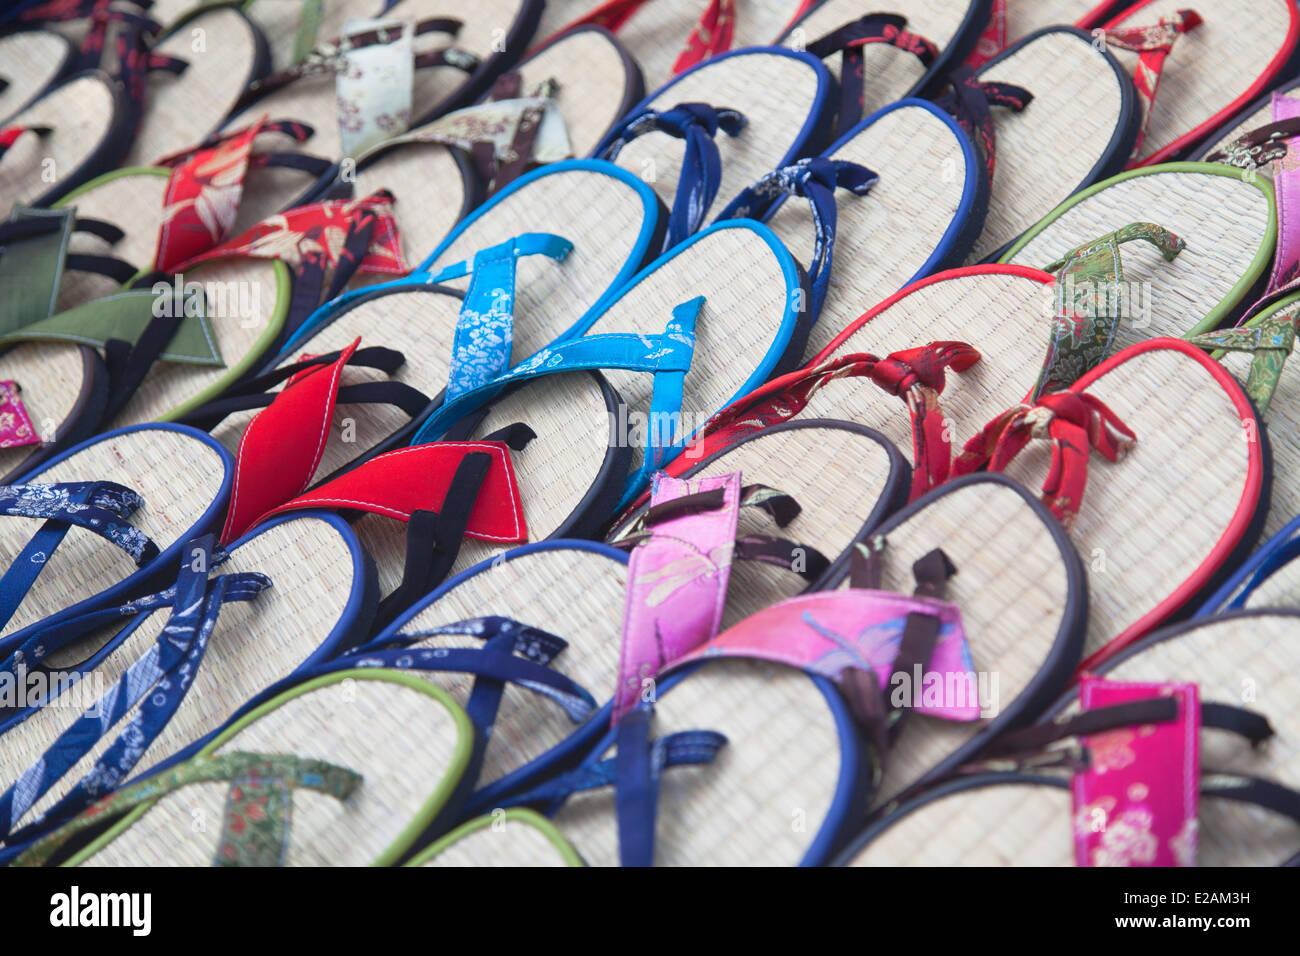 Flip-flop in vendita nel negozio, Hoi An (Patrimonio Mondiale dell'UNESCO), Quang prosciutto, Vietnam Immagini Stock